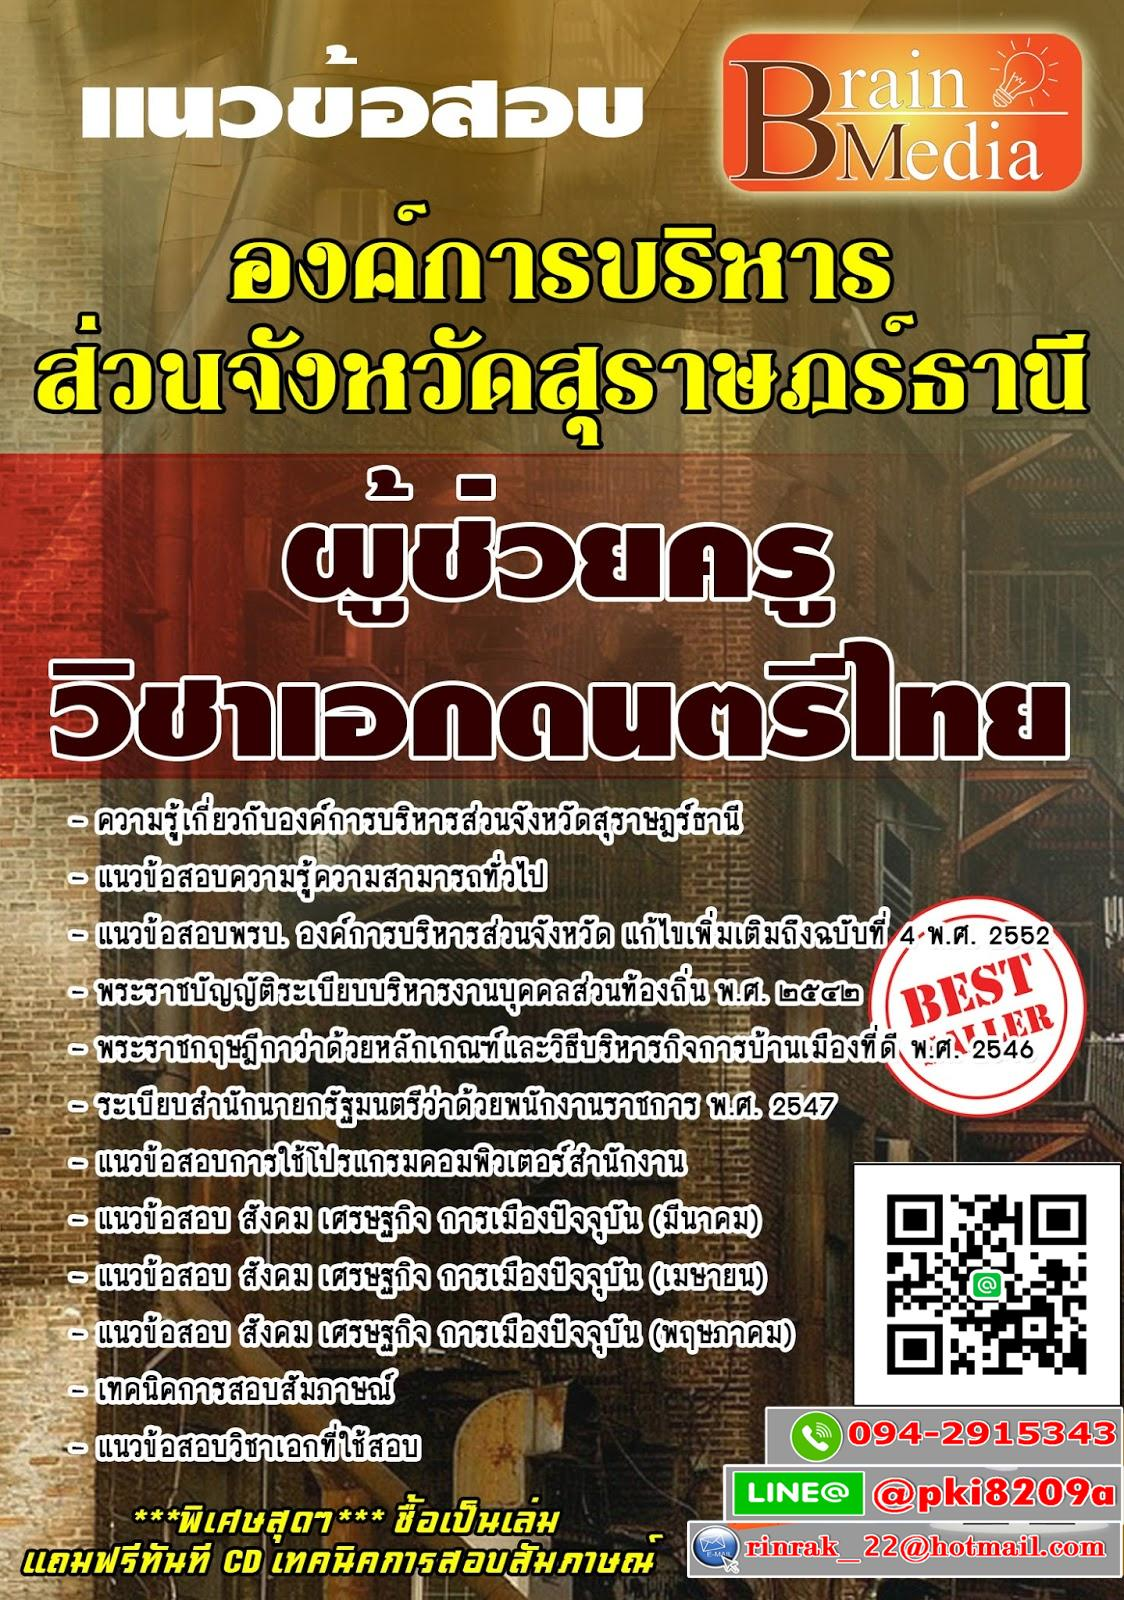 สรุปแนวข้อสอบ ผู้ช่วยครูวิชาเอกดนตรีไทย องค์การบริหารส่วนจังหวัดสุราษฎร์ธานี